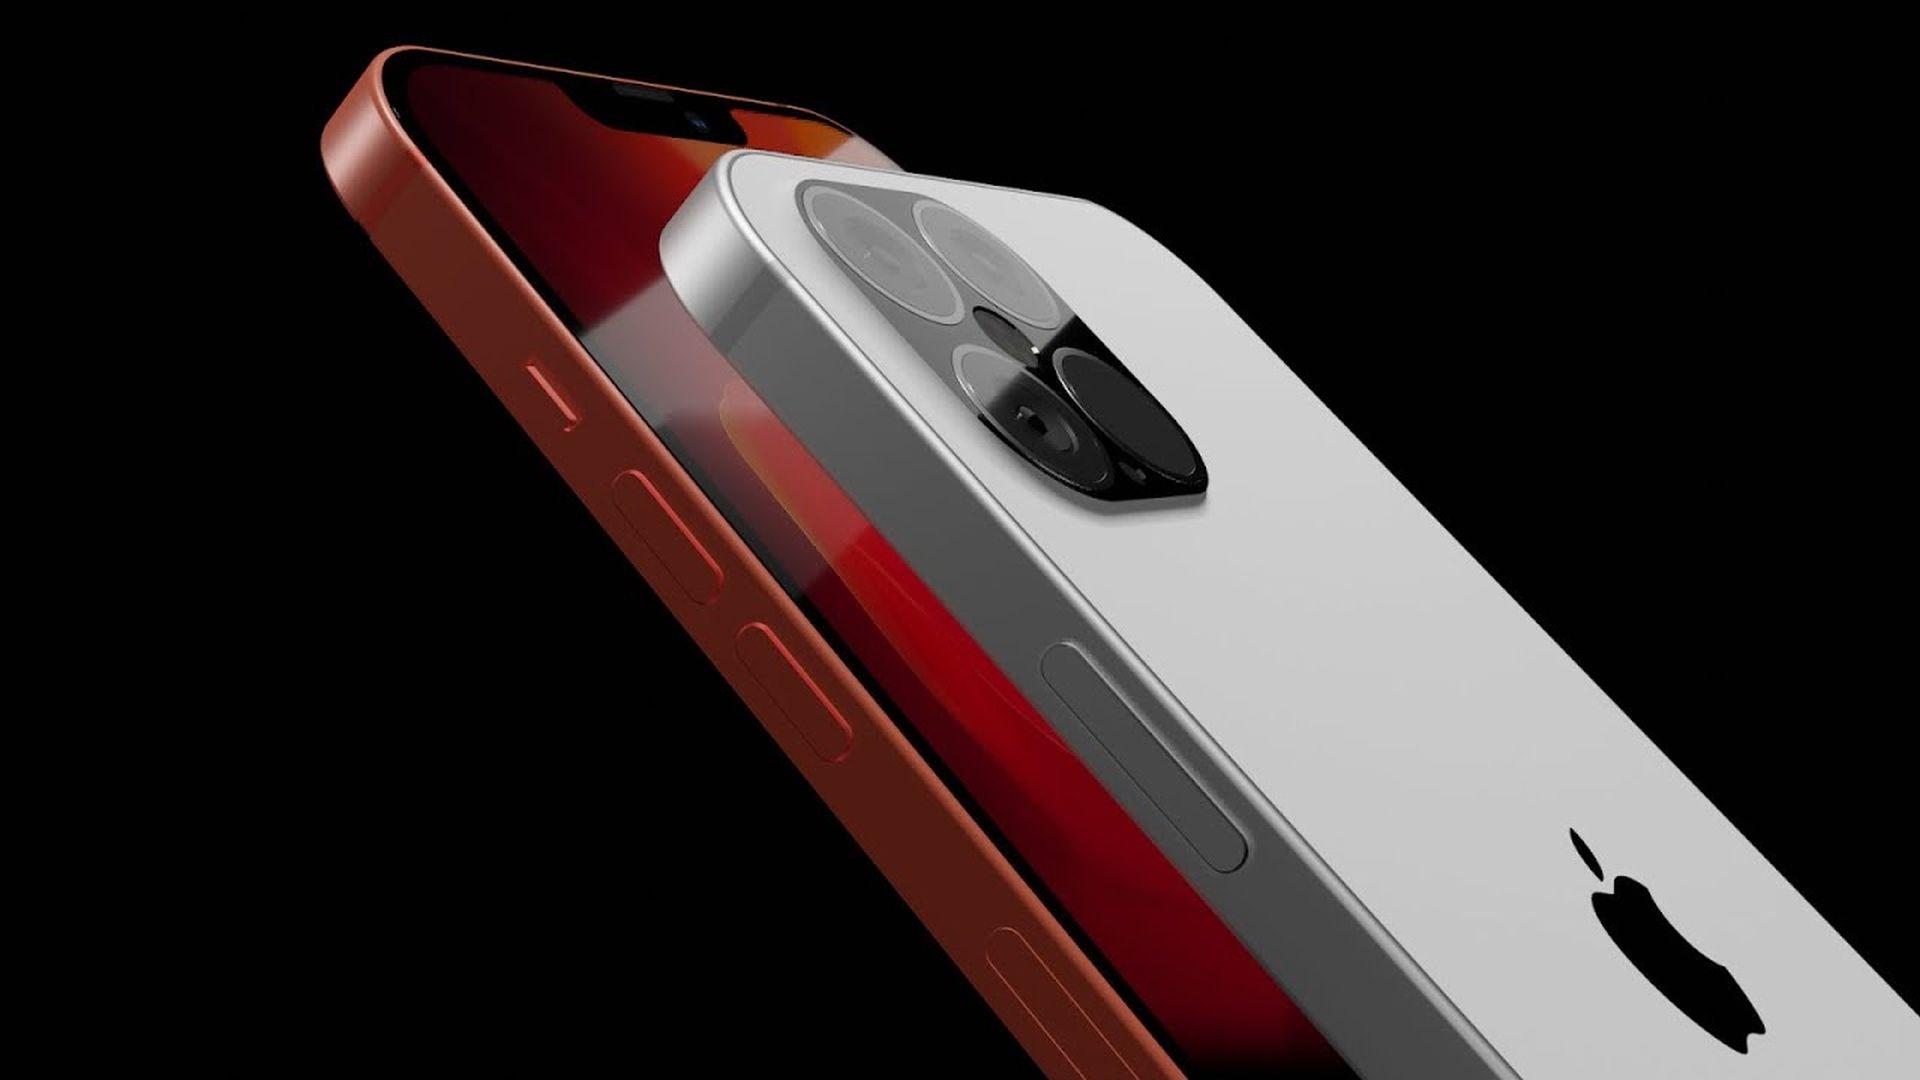 Koncepcyjna wizja wyglądu iPhone'a 12 Pro na filmie